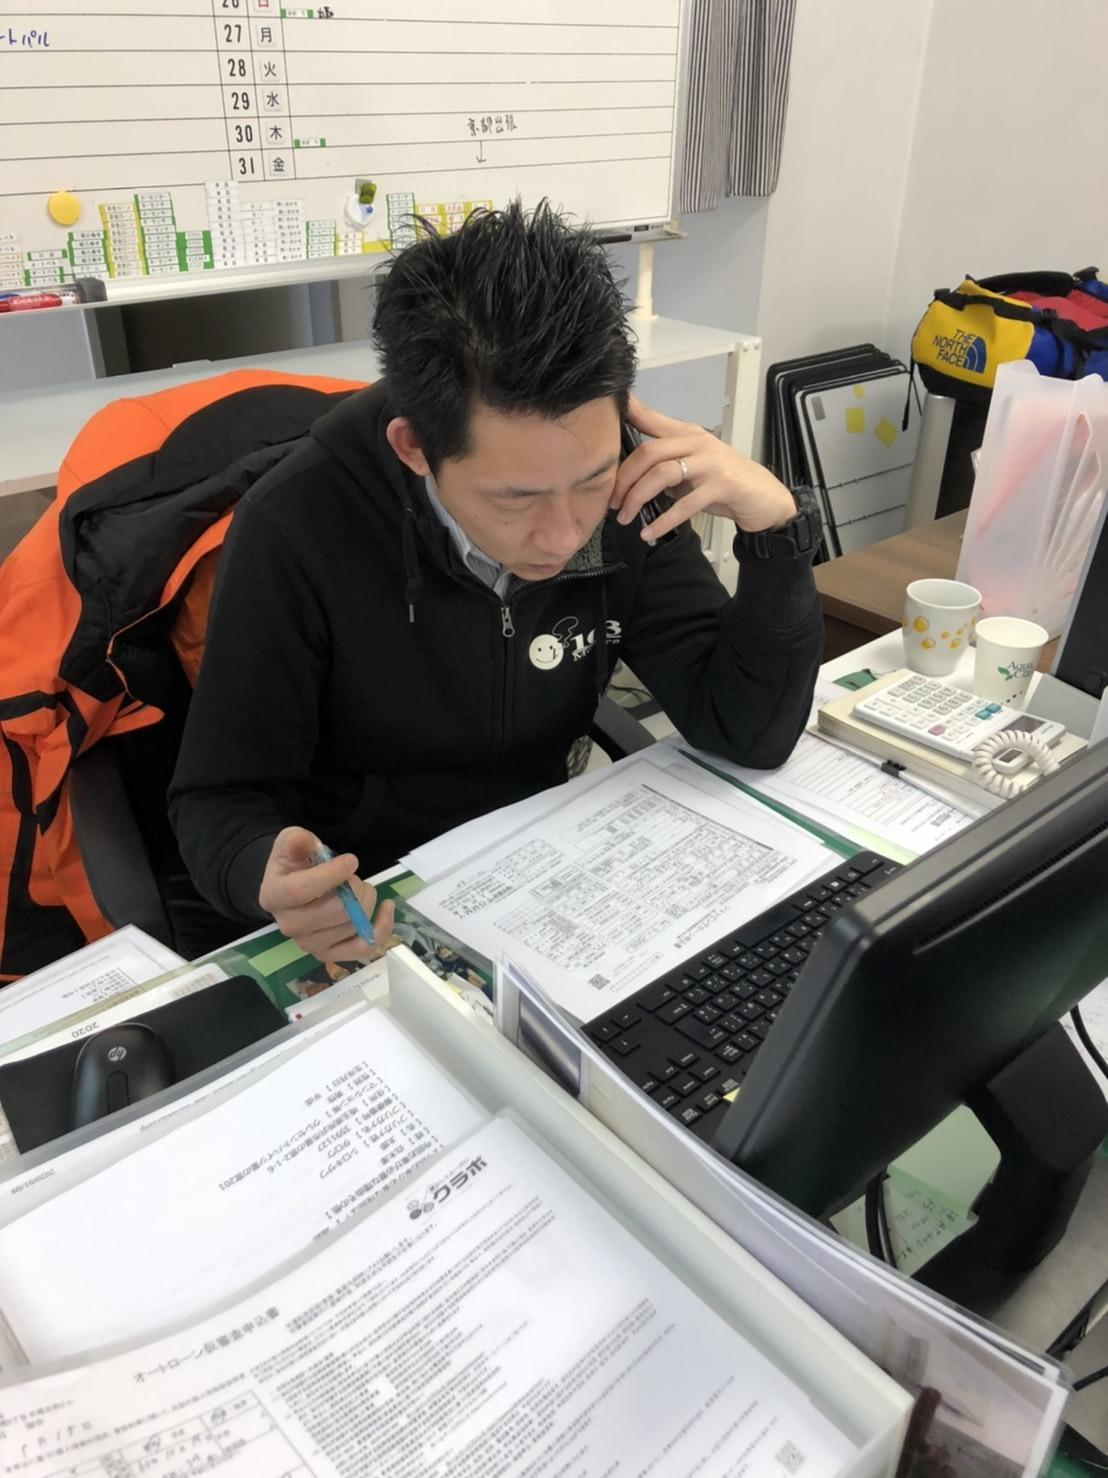 1月15日(水)☆TOMMYアウトレット☆あゆブログ٩(●˙▿˙●)۶ ローンでお悩みならまずはTOMMYにお電話を📞☺_b0127002_16444924.jpg